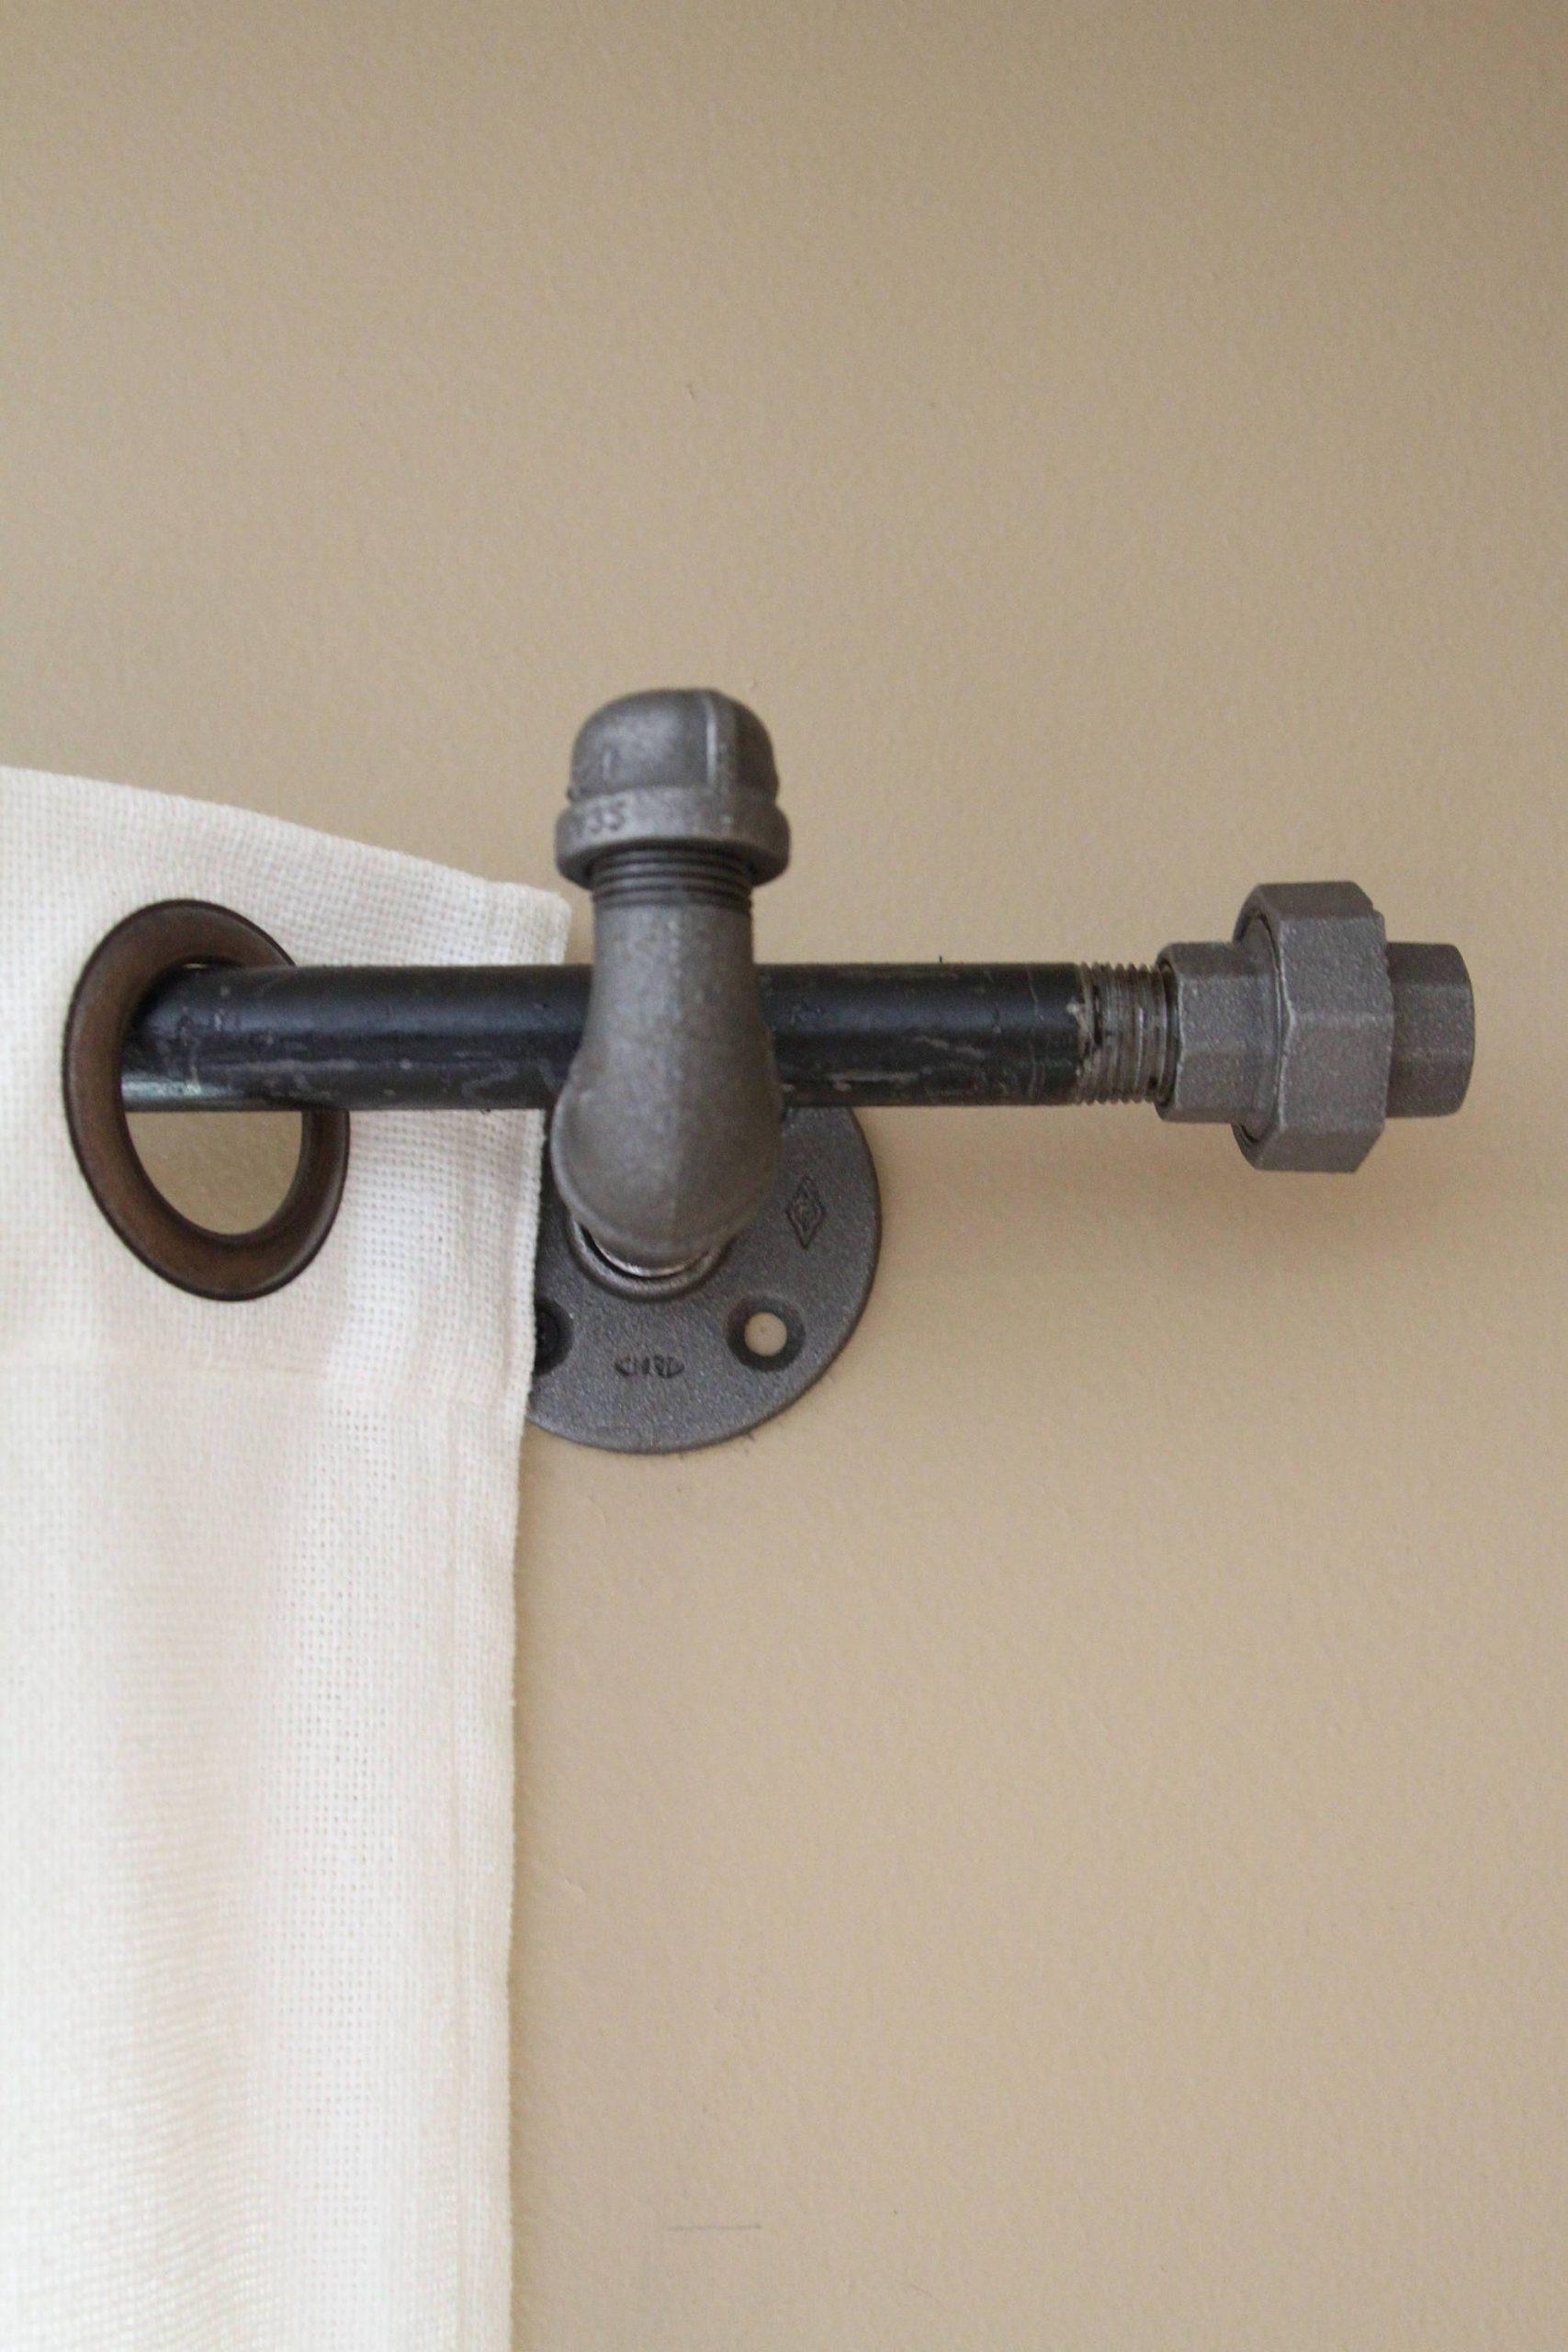 industrielle tuyau en fer de tringles a rideaux rideaux avec tringle rideau industrielle agencecormierdelauniere com agencecormierdelauniere com